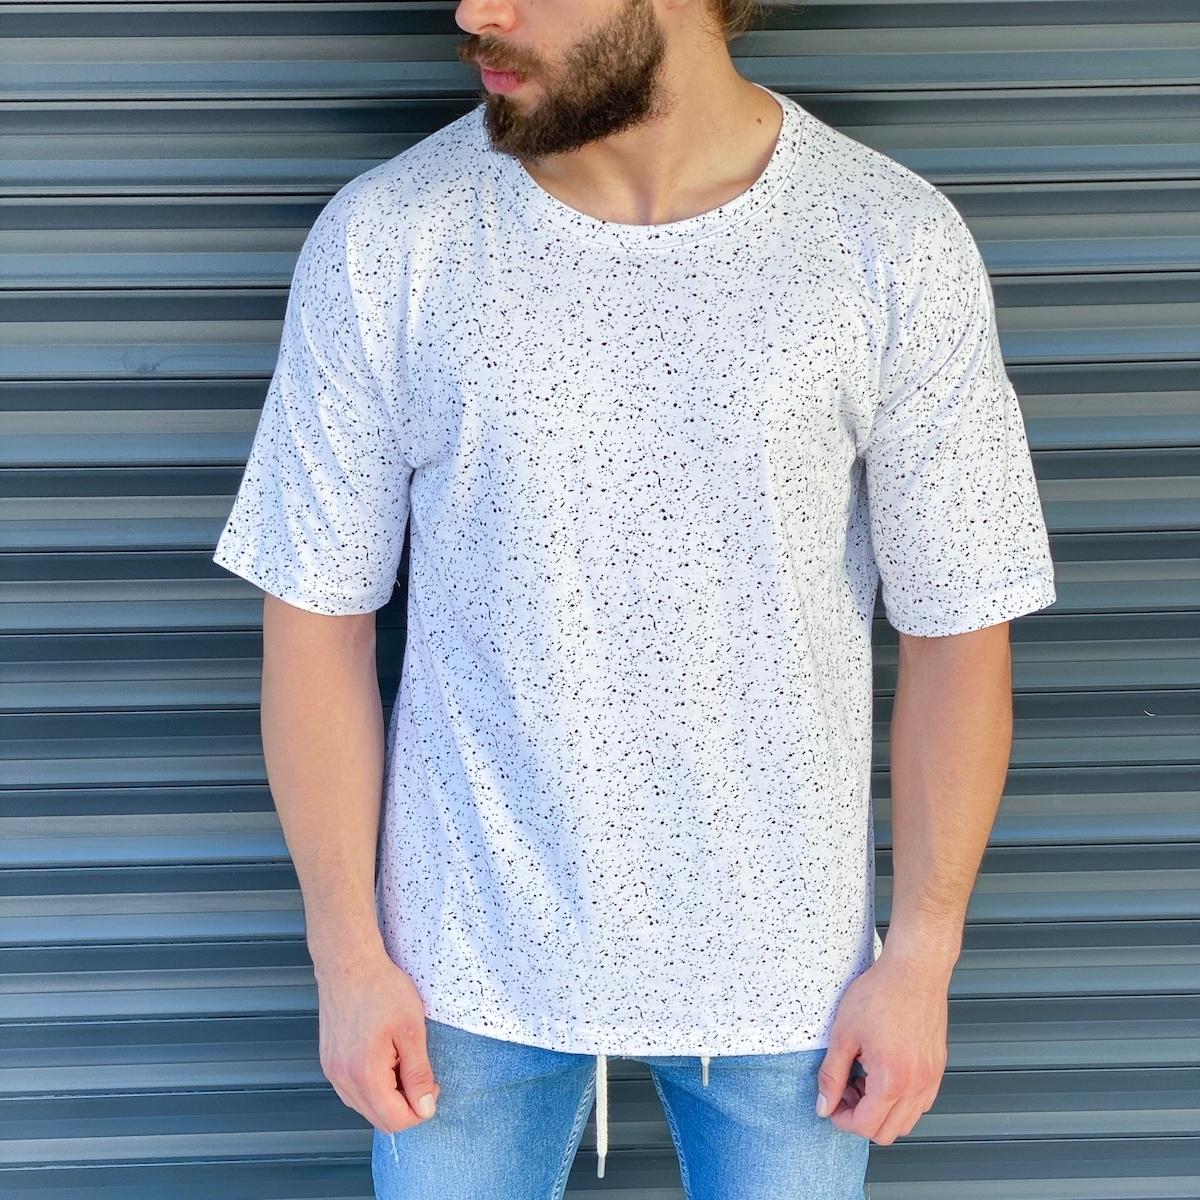 Erkek Boya İşlemeli Beyaz Tişört